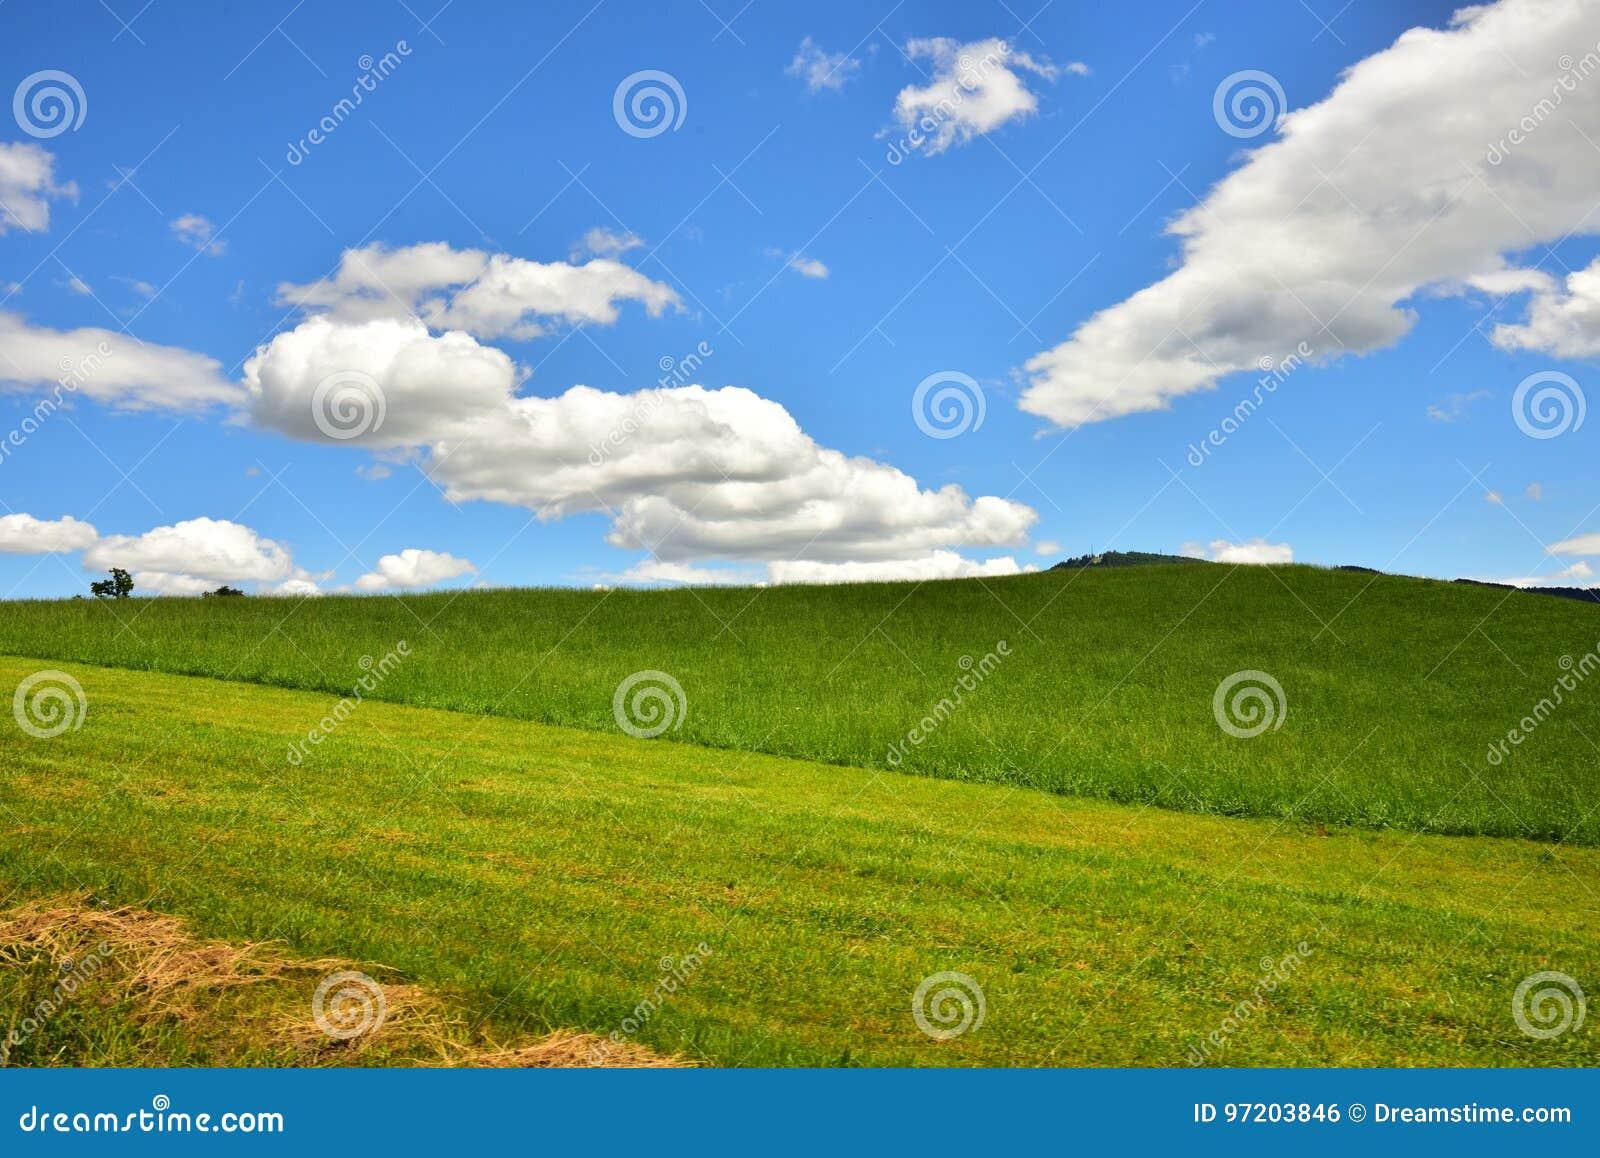 Krajobrazowa fotografia wieś w Austria